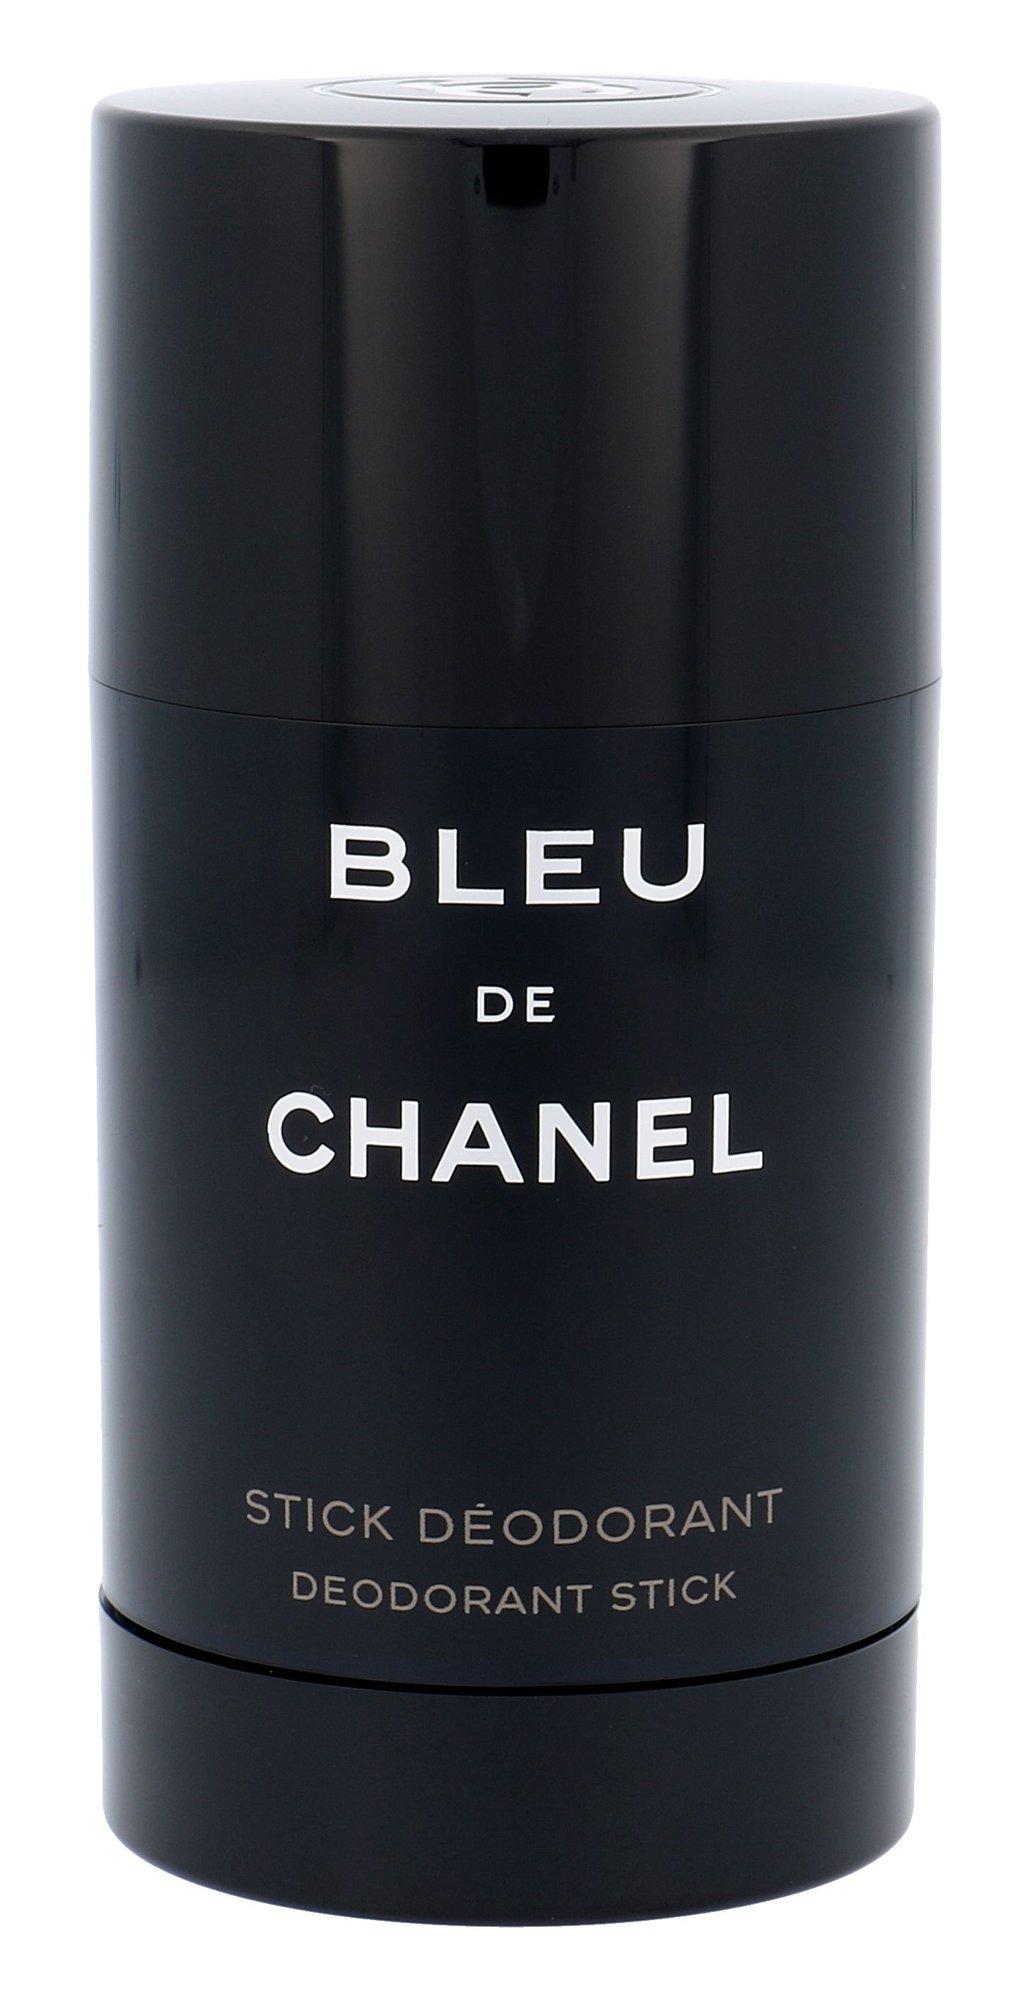 Chanel Bleu de Chanel Deostick 75ml